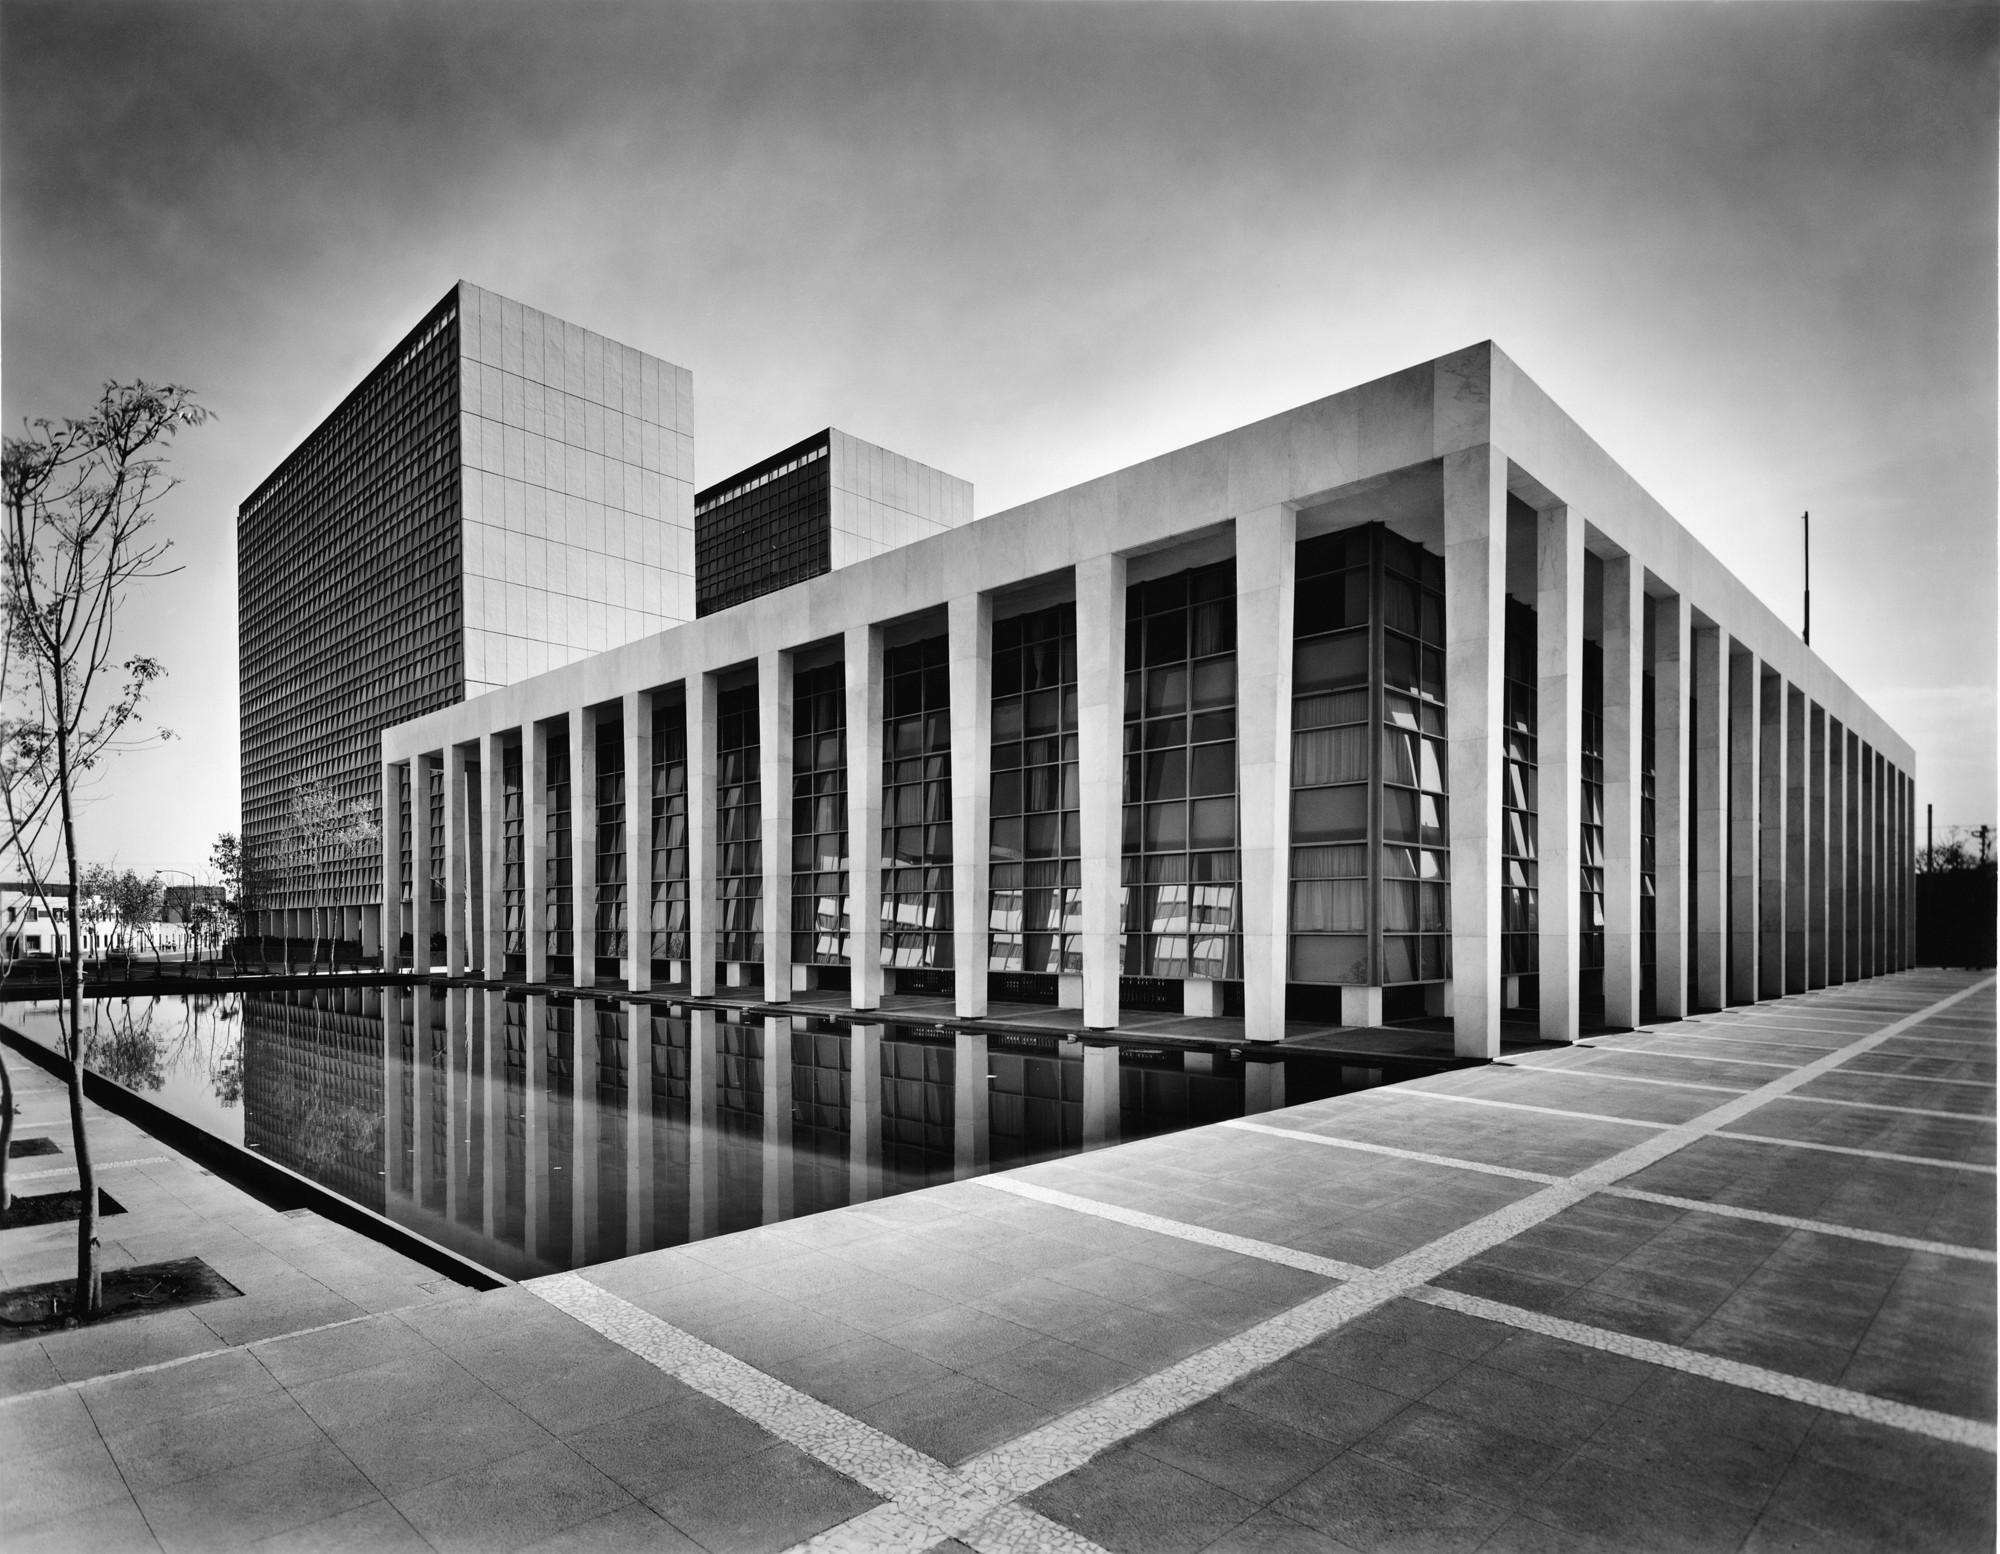 Clásicos de Arquitectura: Palacio de Justicia / Juan Sordo Madaleno, Cortesia de Sordo Madaleno Arquitectos, fotografía por Guillermo Zamora